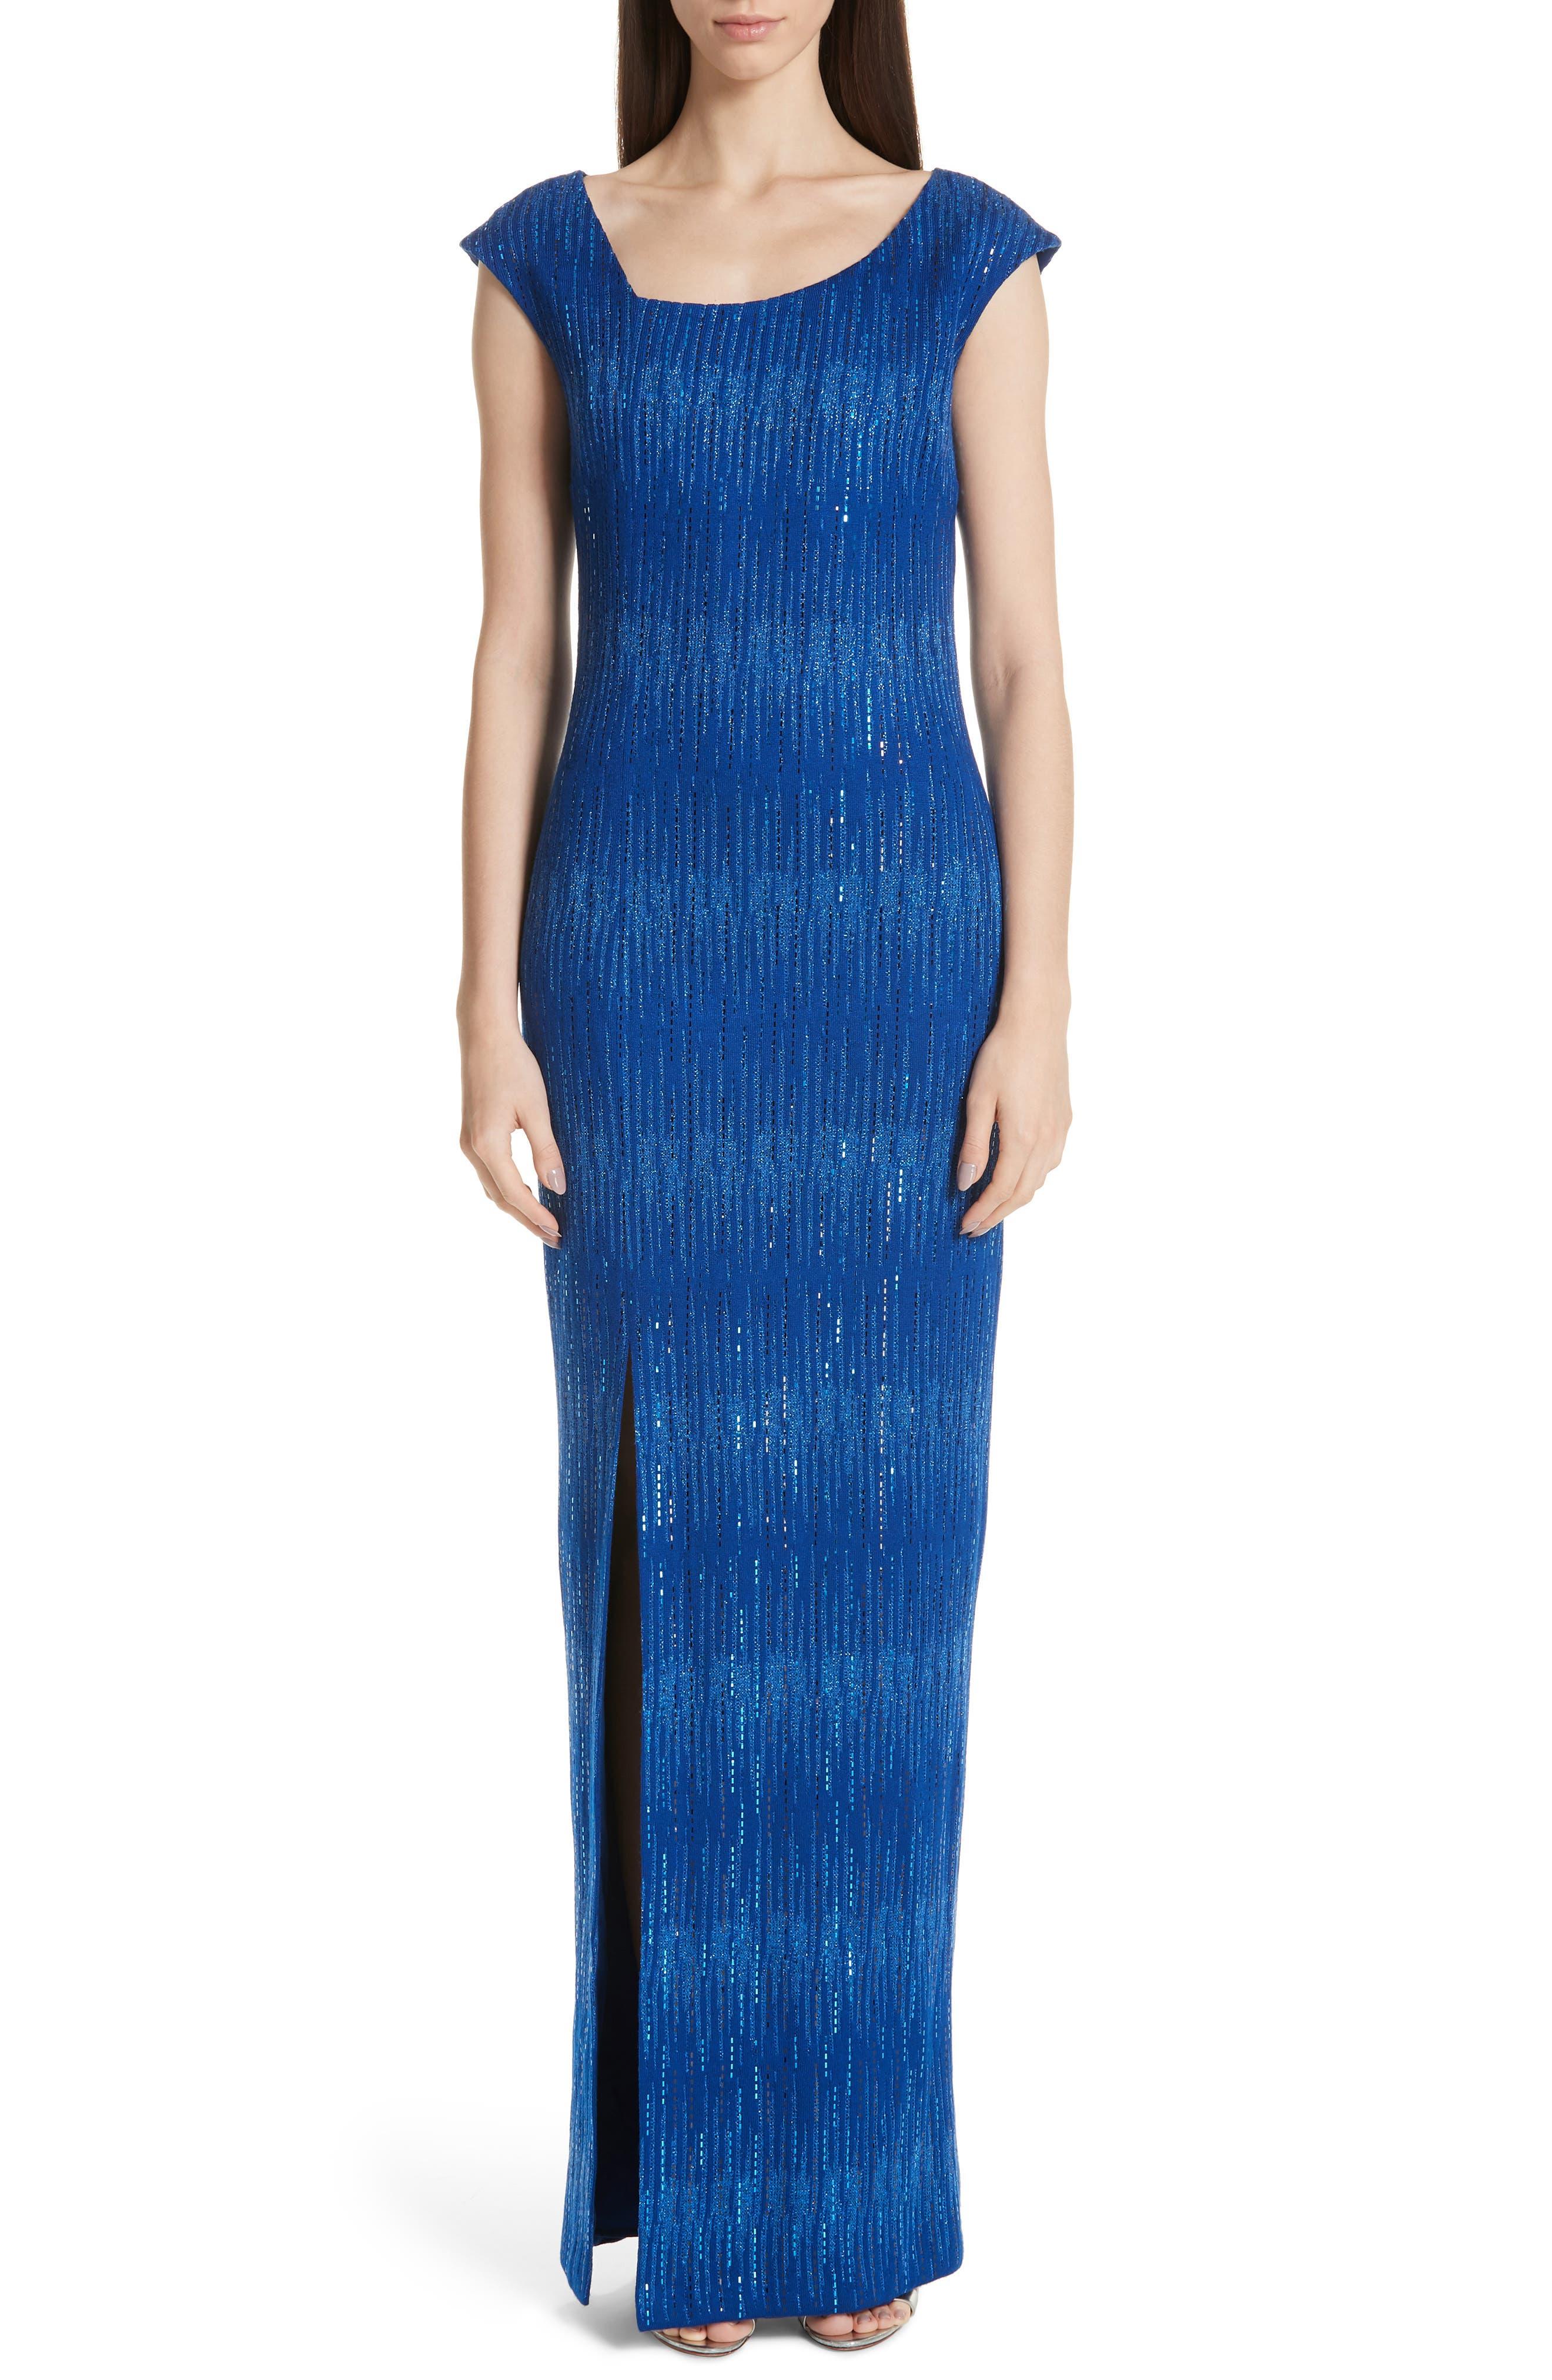 St. John Collection Asymmetrical Neck Carrie Knit Evening Dress, Blue